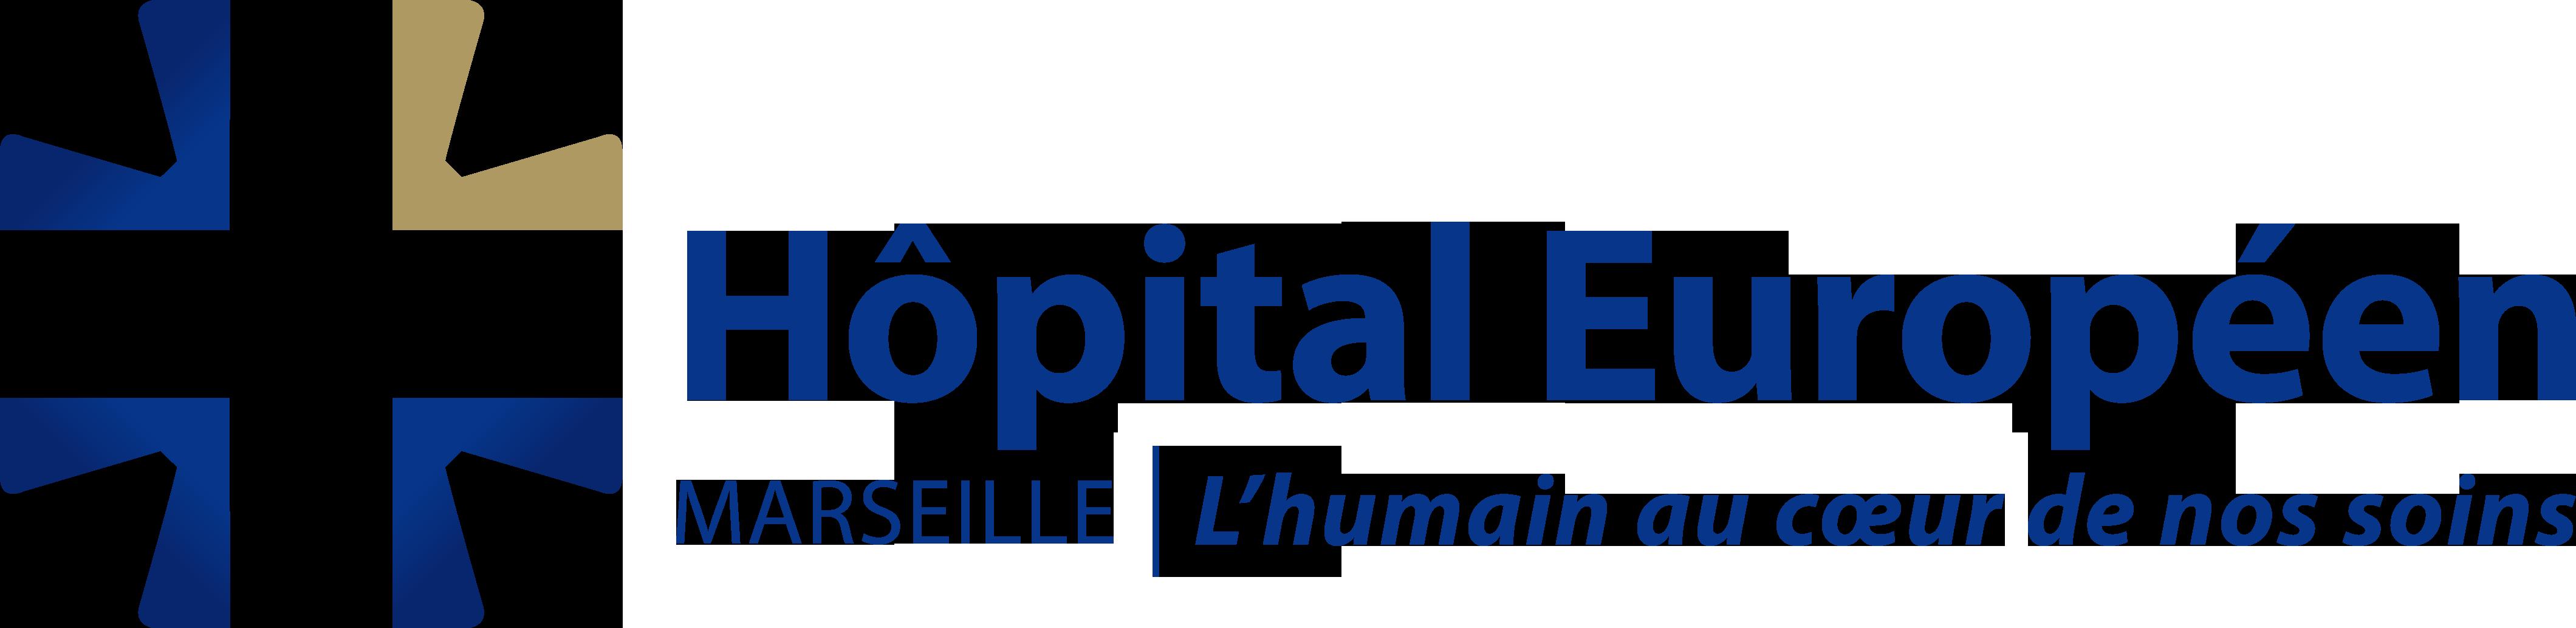 L'Hopital Europeen  a organisé un repas d'équipe au Mélo à Marseille.